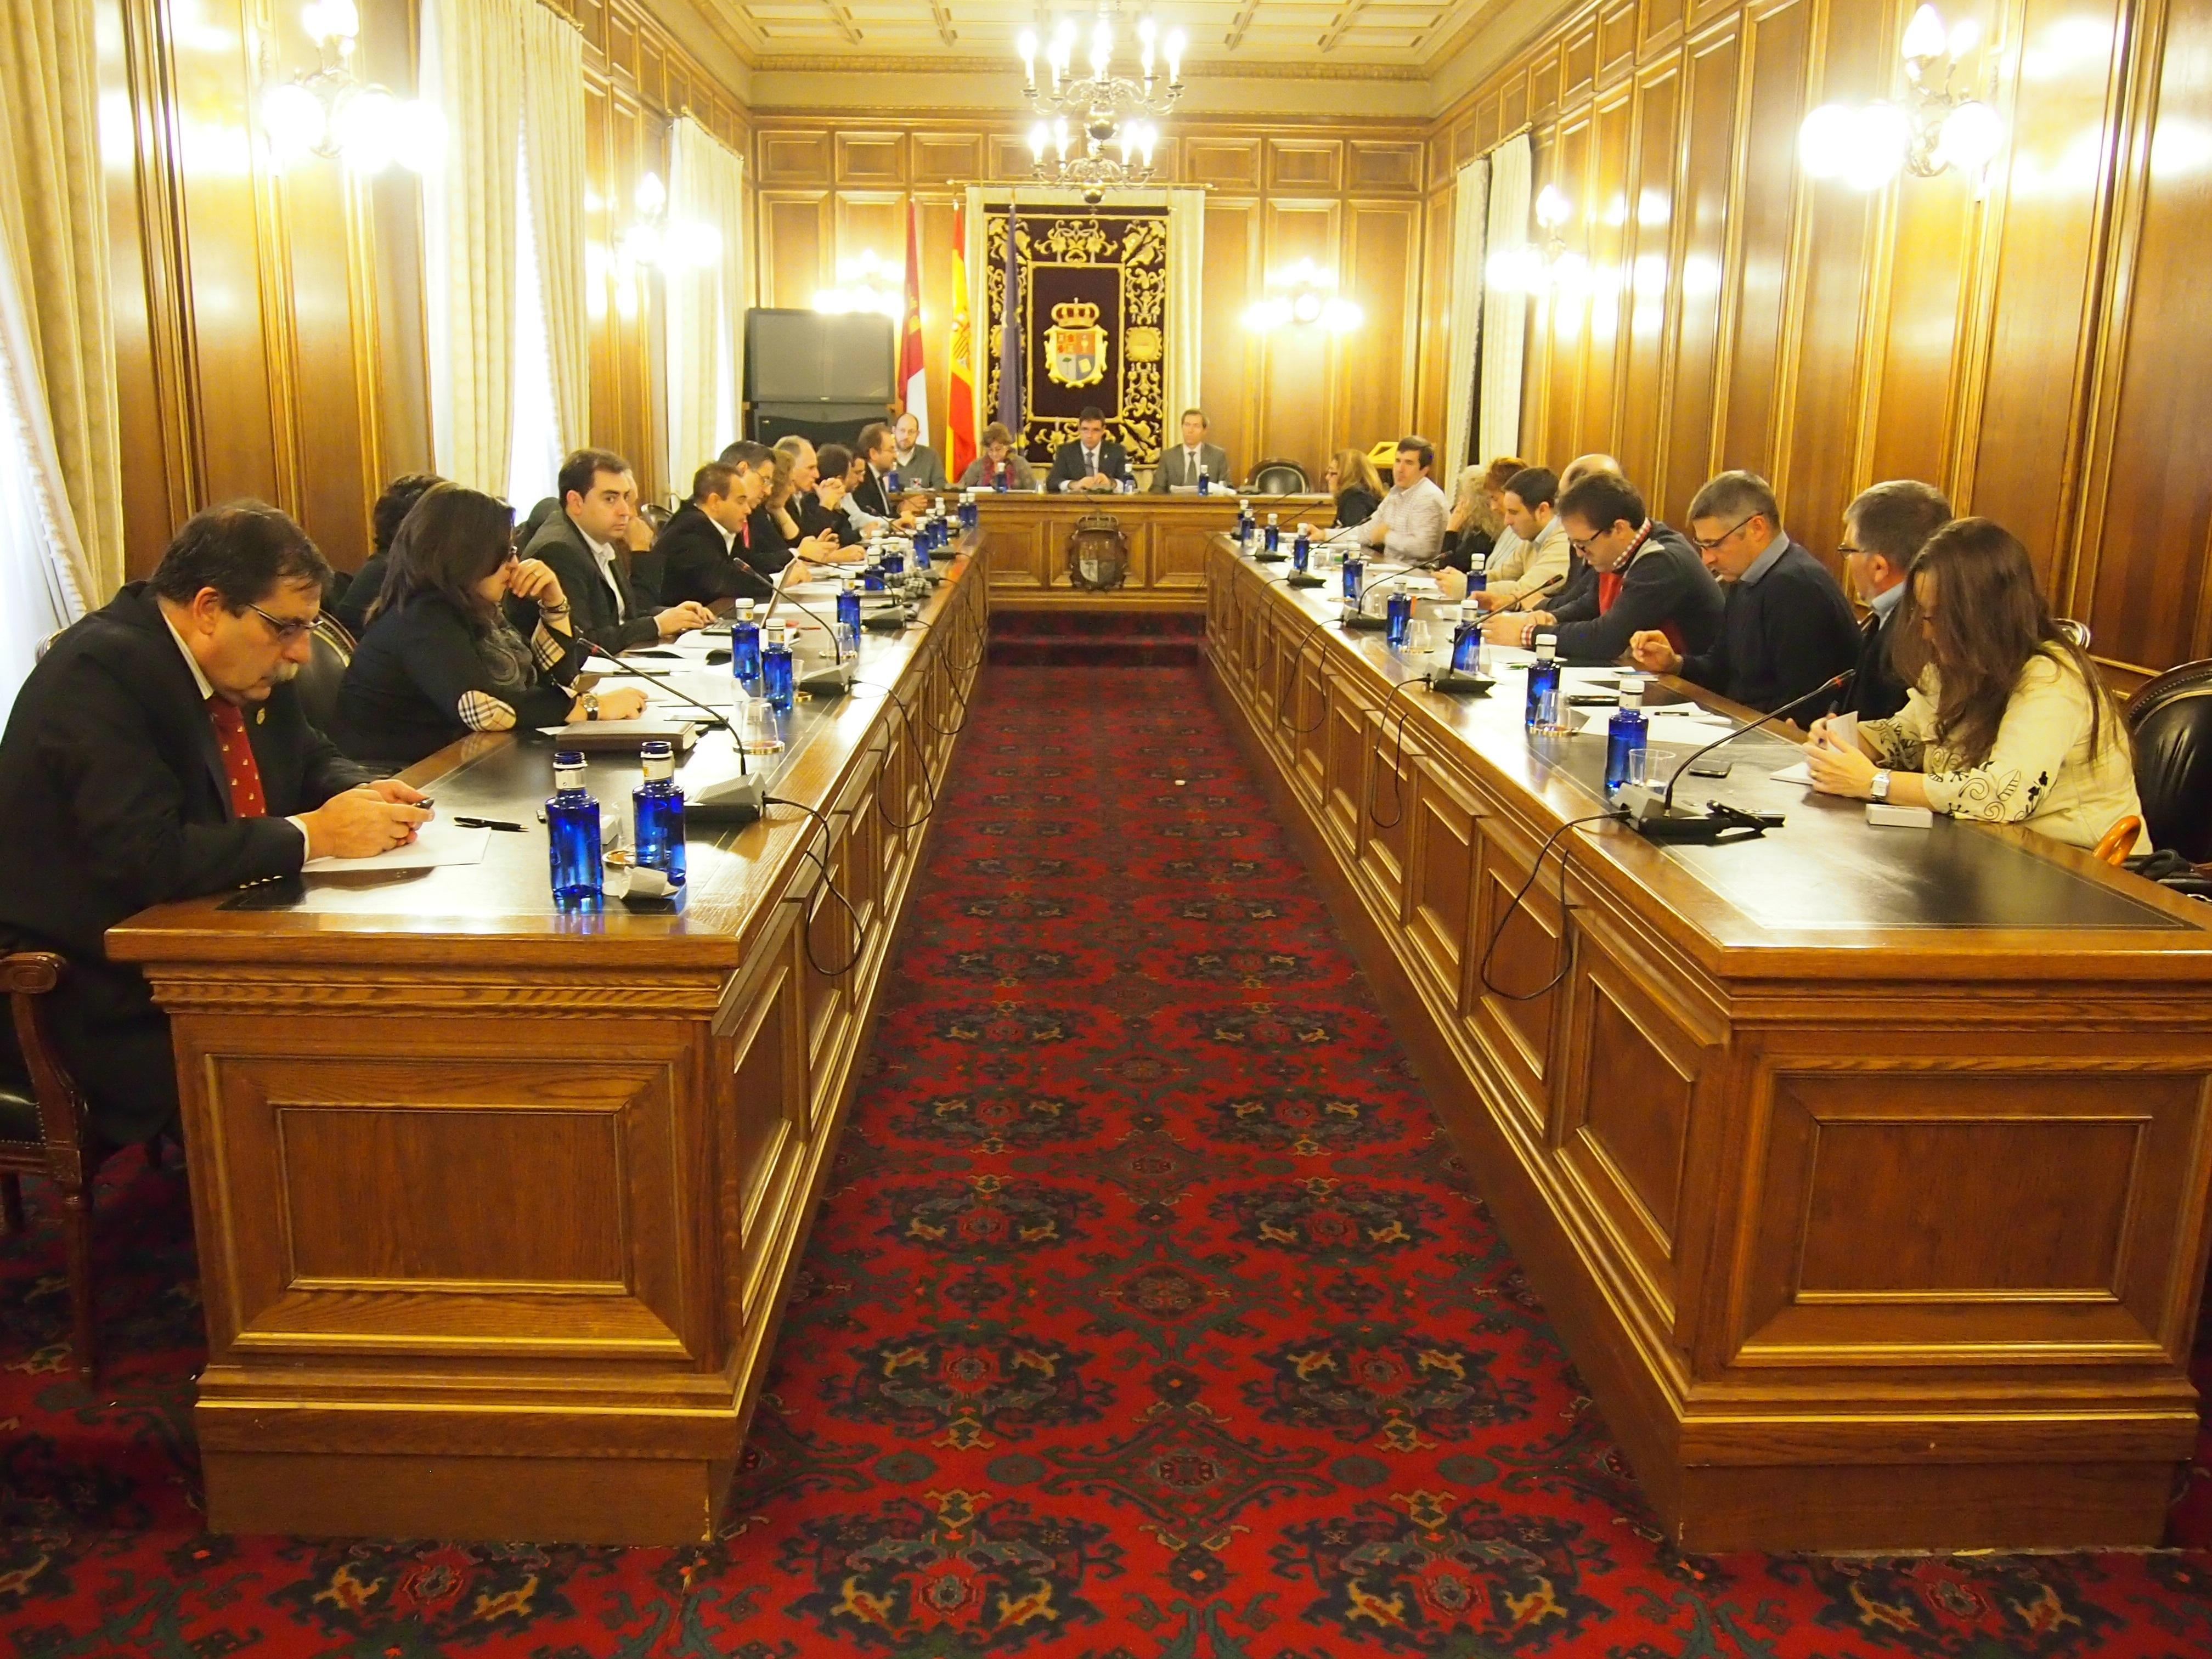 La Diputación provincial de Cuenca aprueba en pleno los presupuestos para 2014, con los votos en contra del PSOE